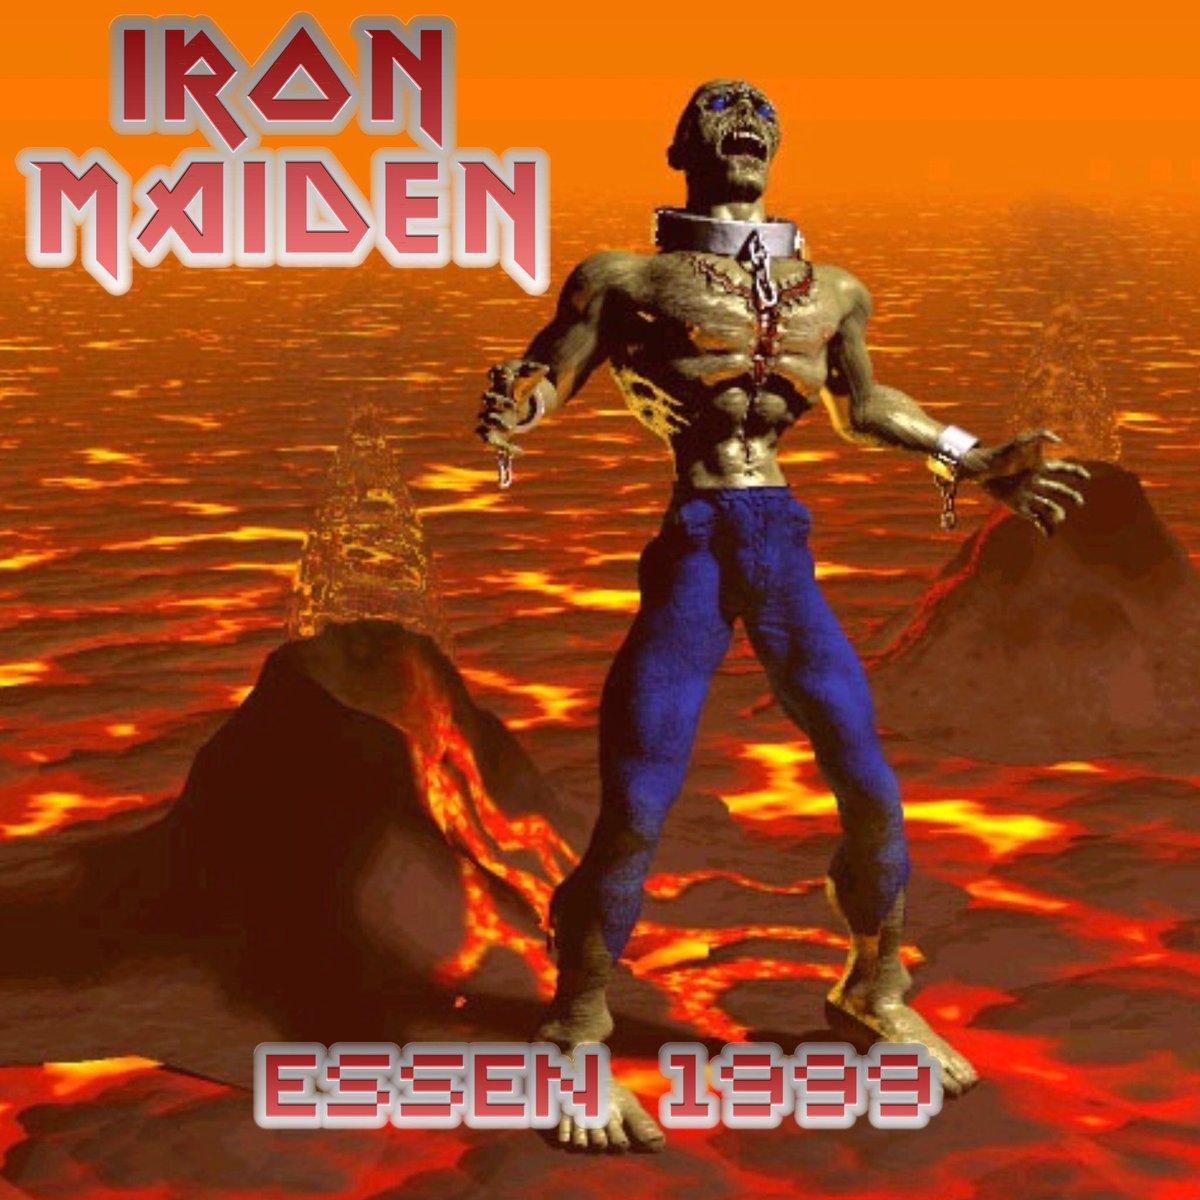 Iron Maiden Bootlegs on Twitter: